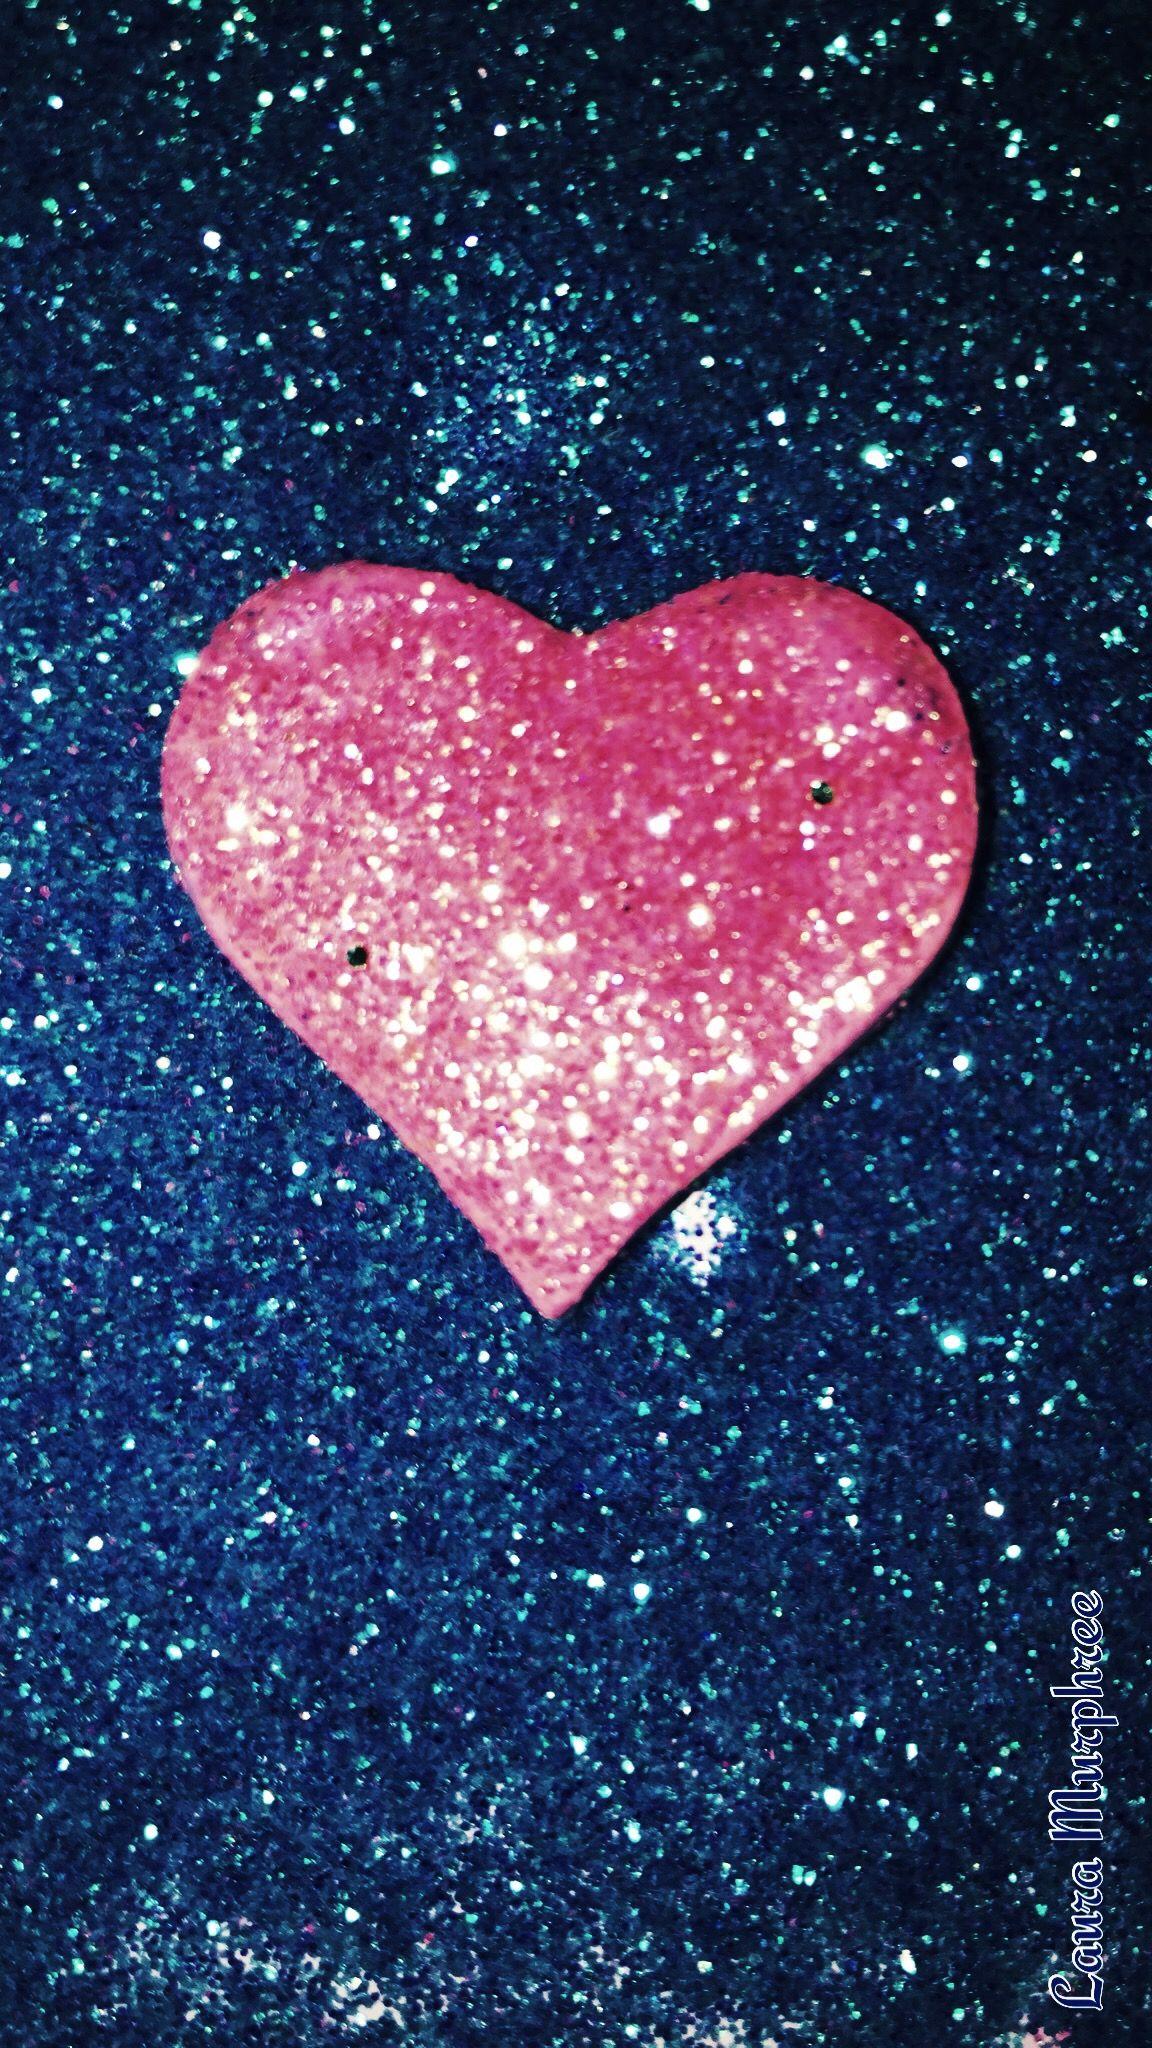 Glitter Phone Wallpaper Sparkle Background Bling Shimmer Sparkles Glitter Glittery Colorful Glitter Phone Wallpaper Heart Iphone Wallpaper Sparkles Background